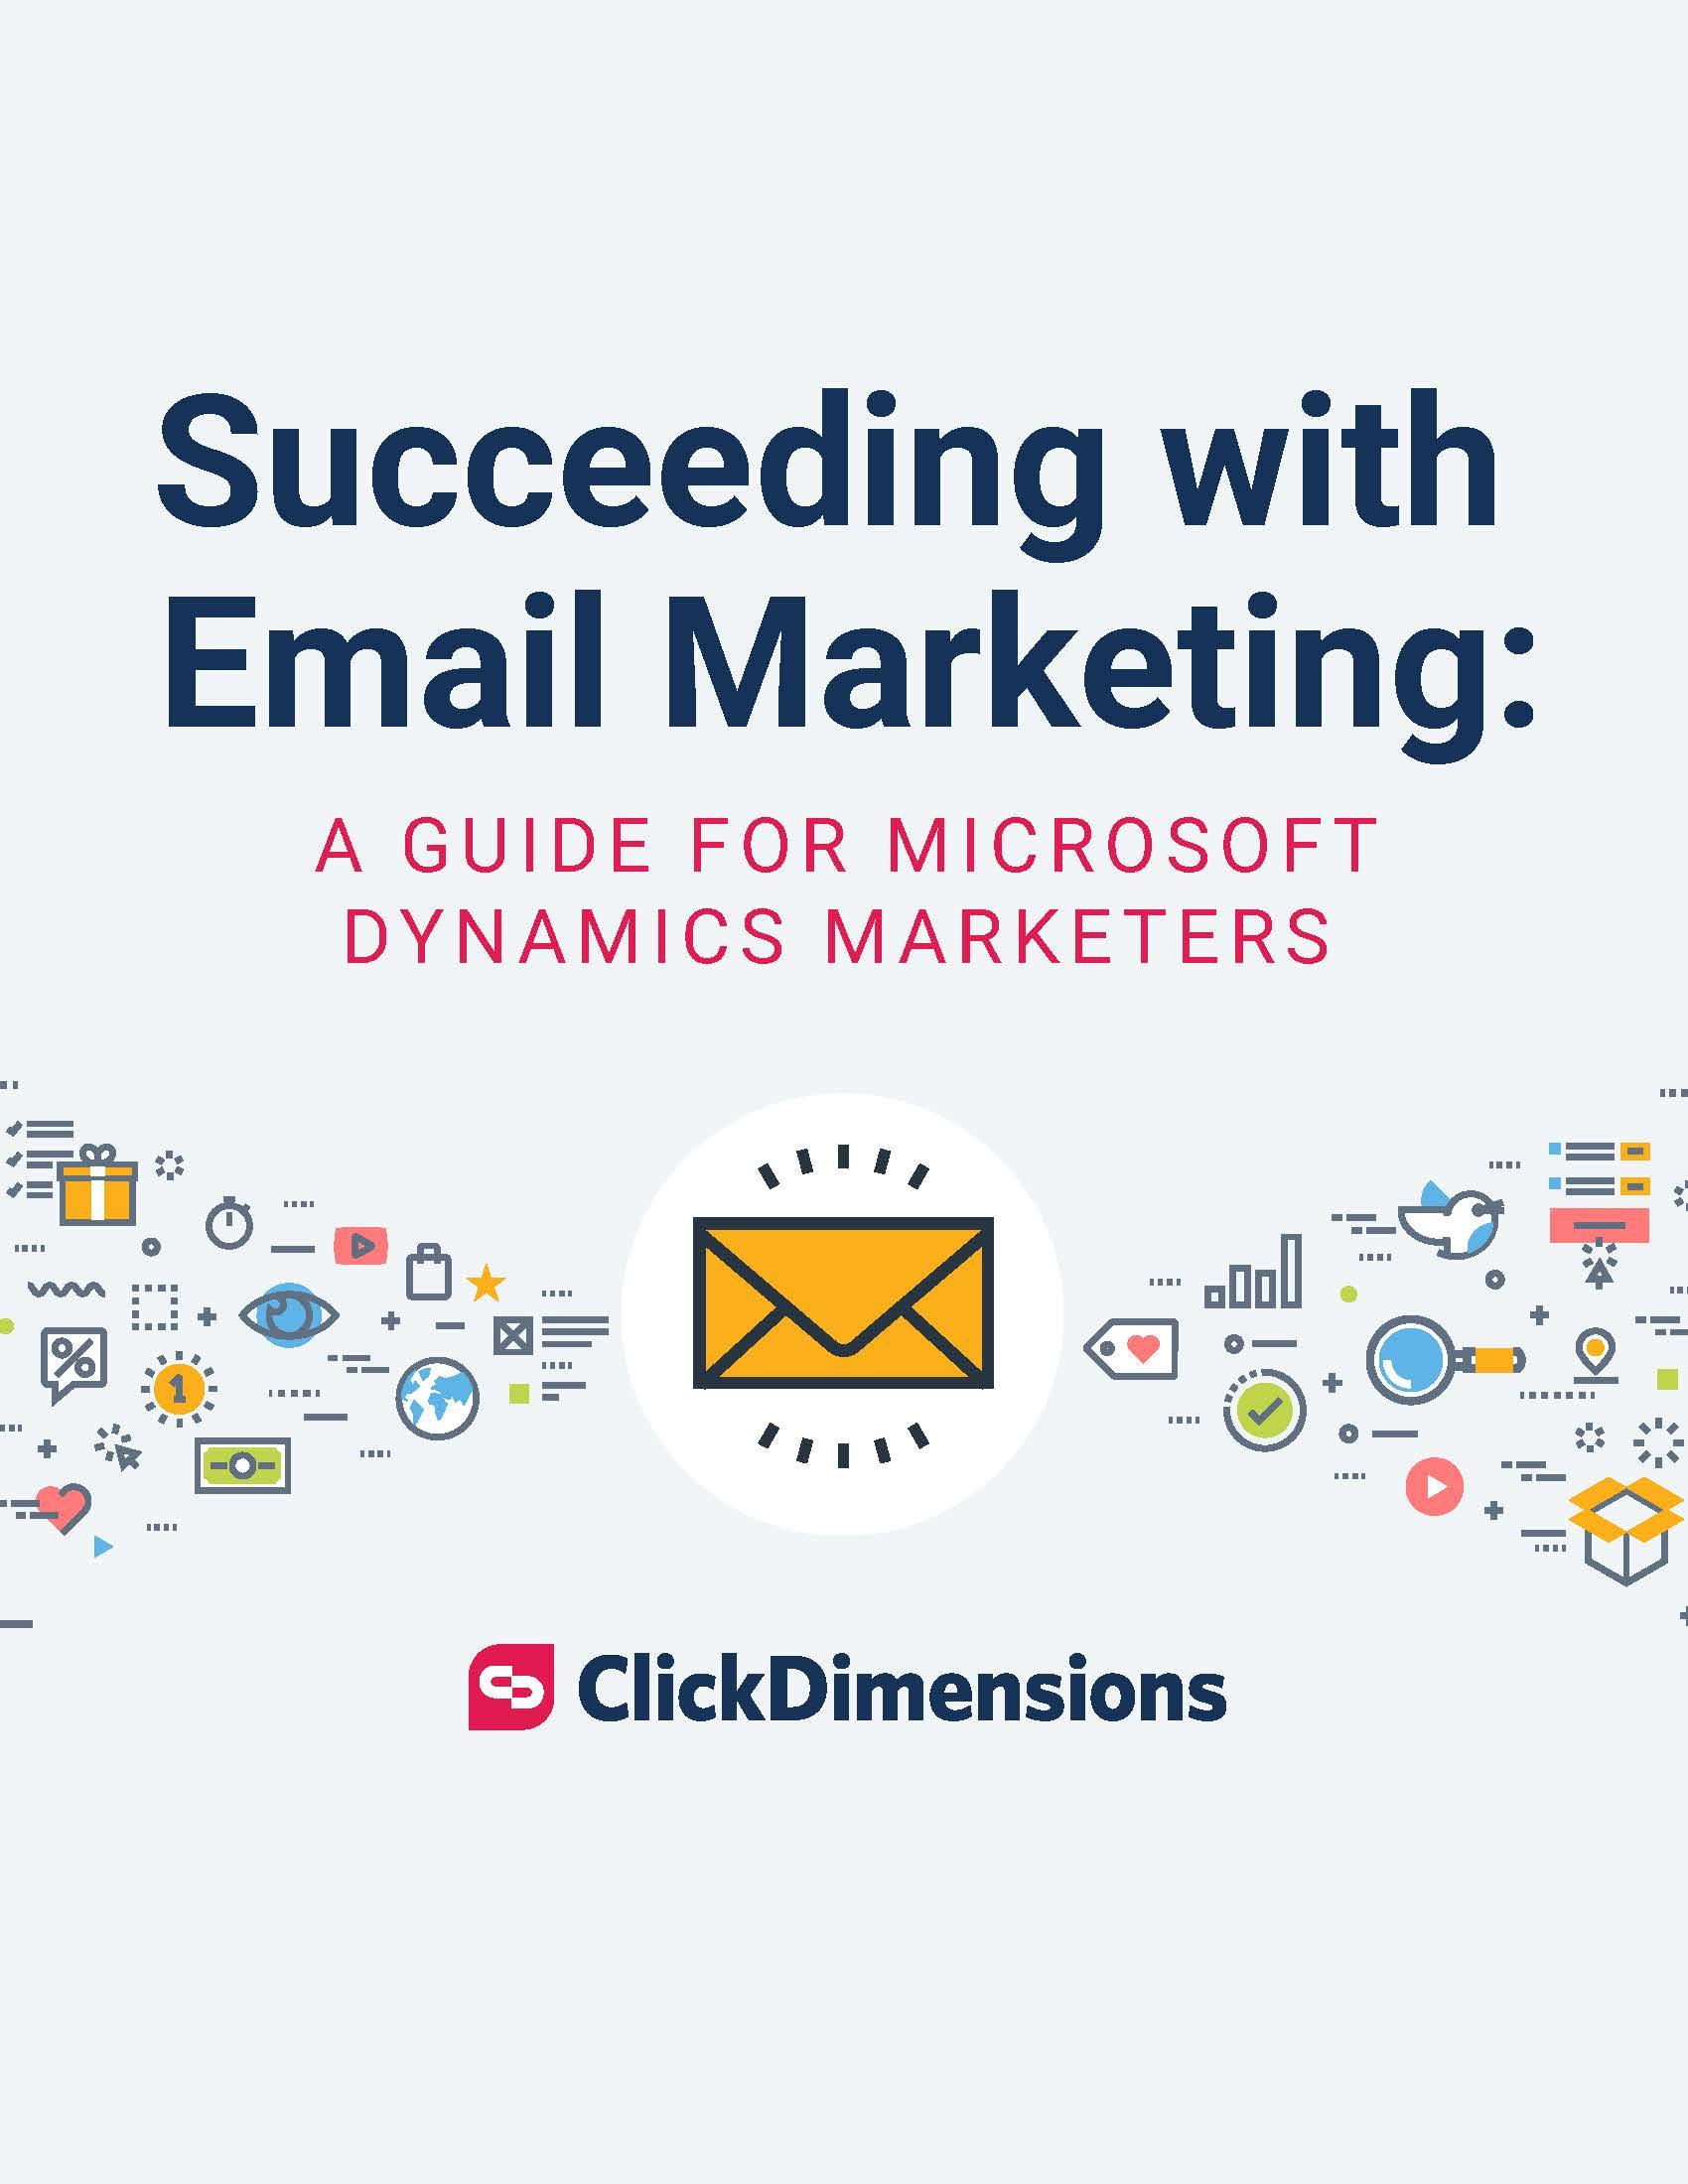 ClickDimensions, e-mail marketing